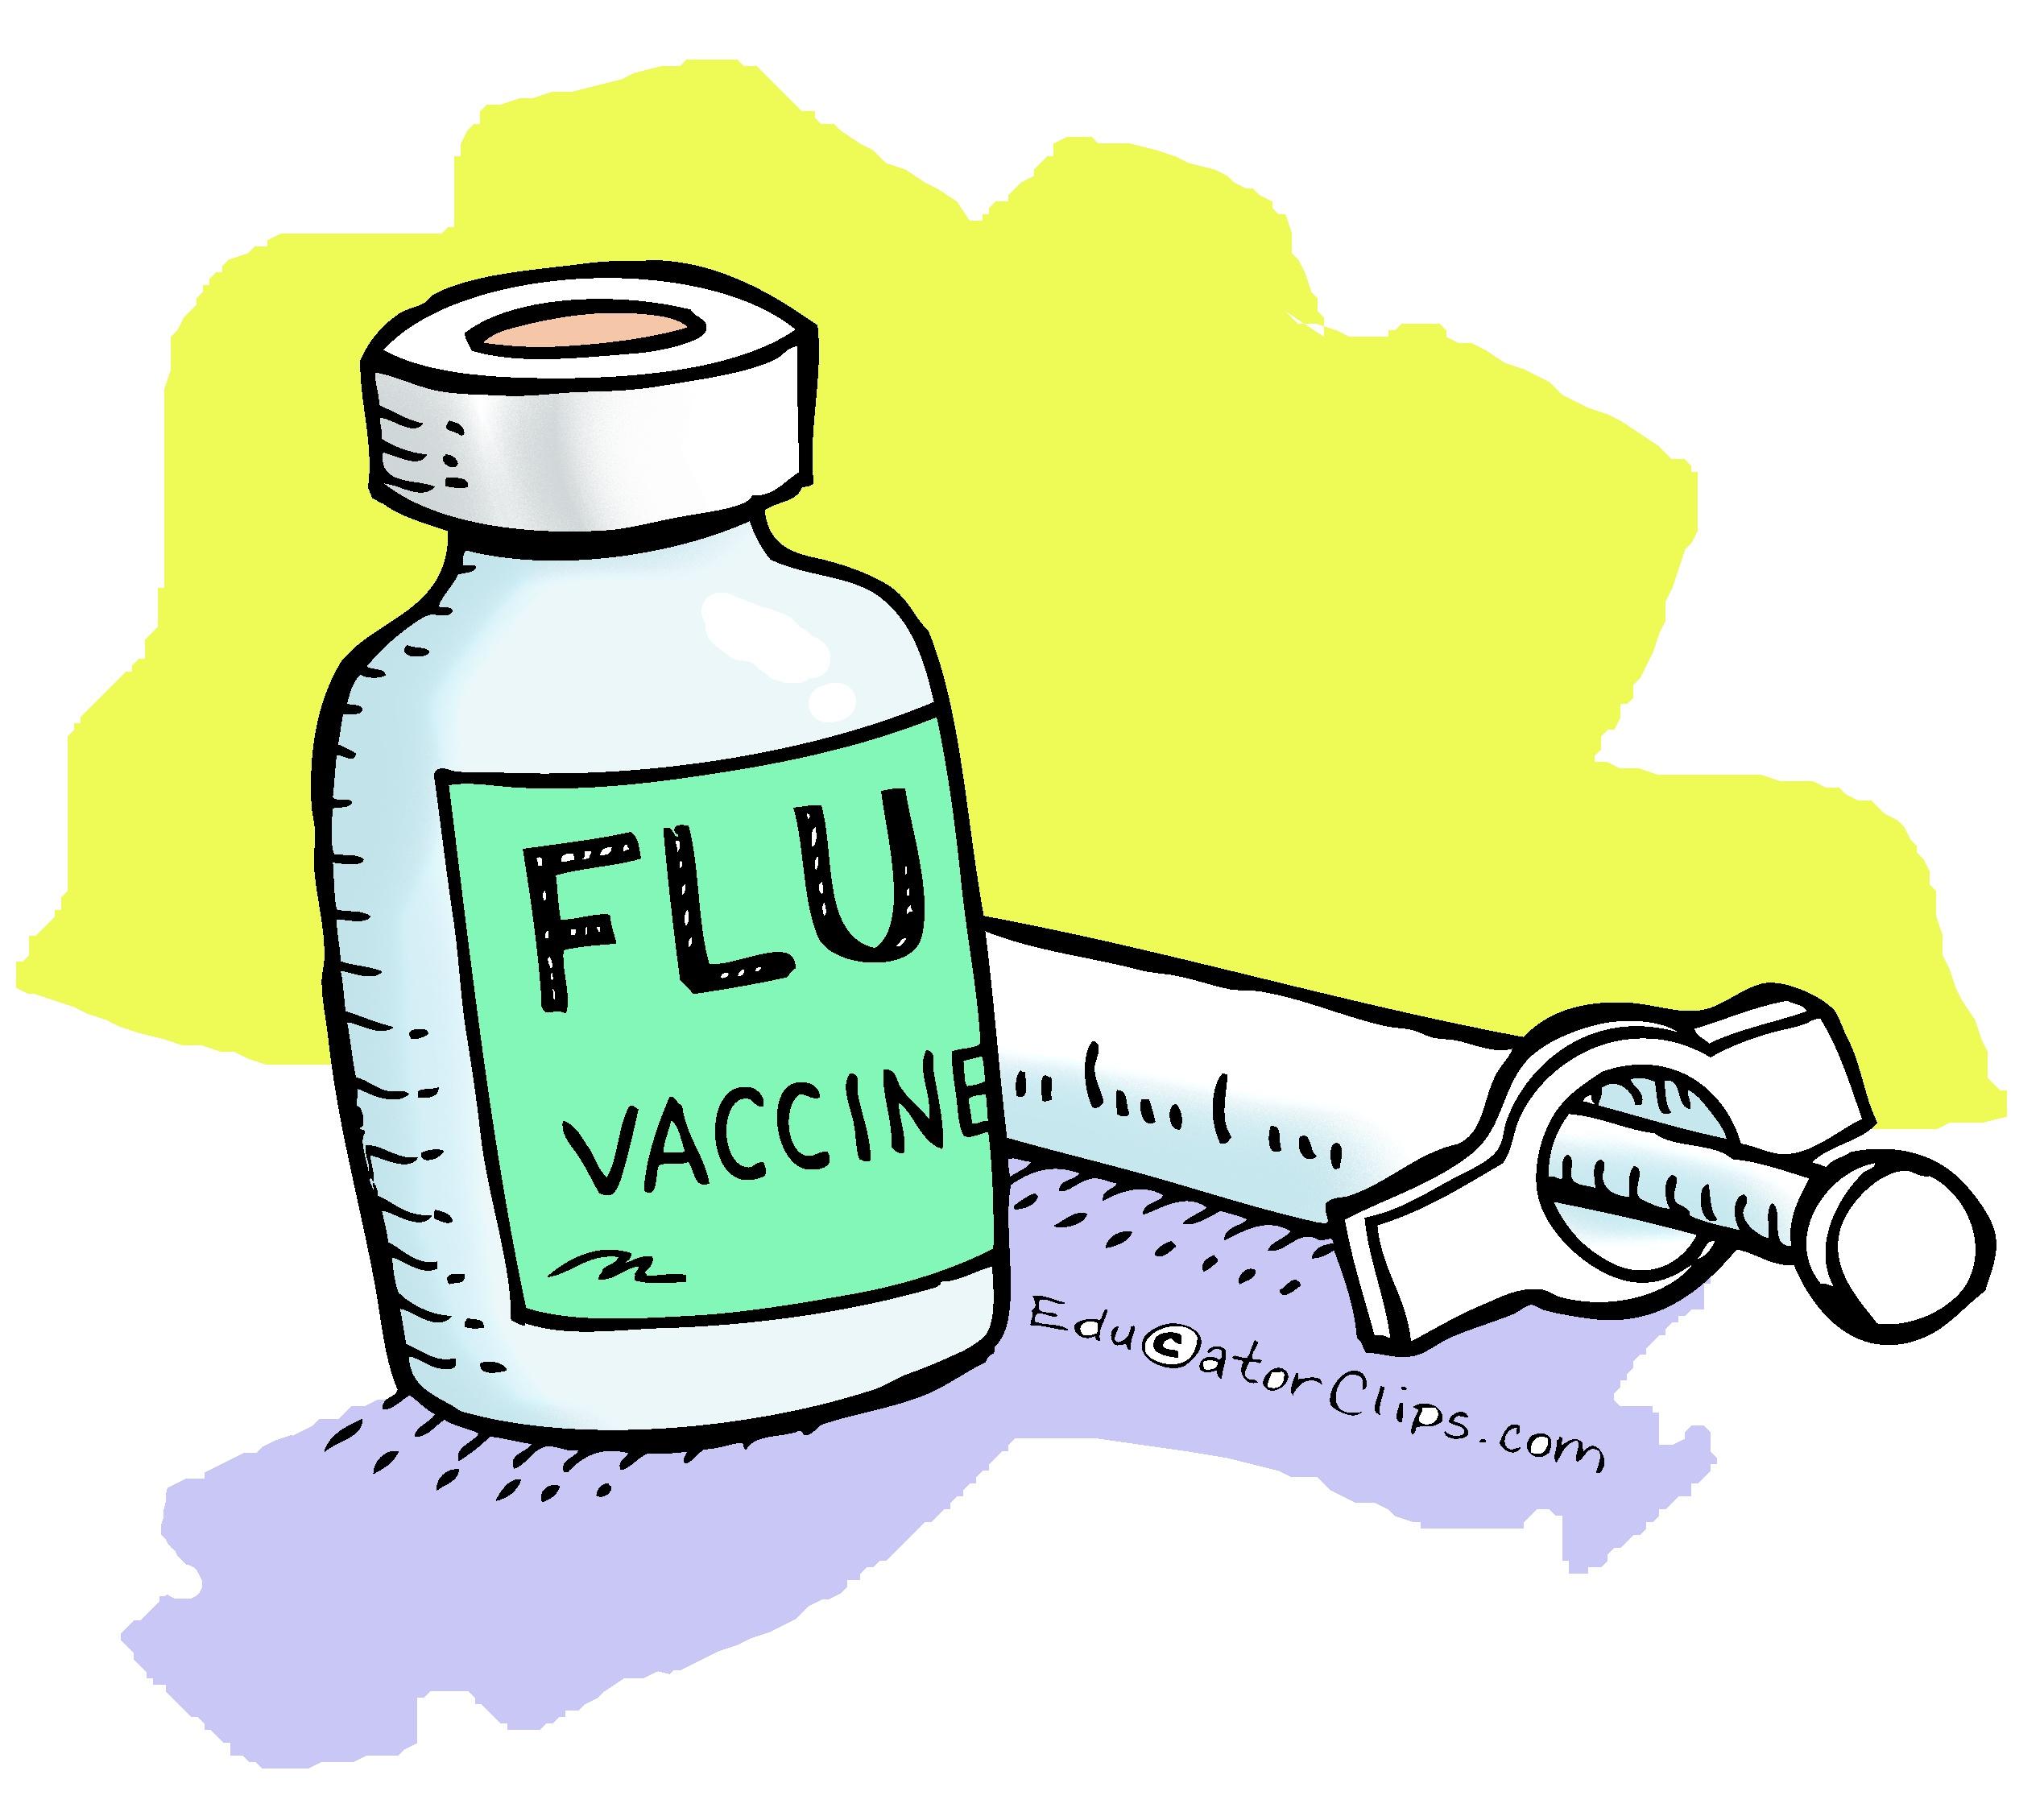 flu vaccine clip art.